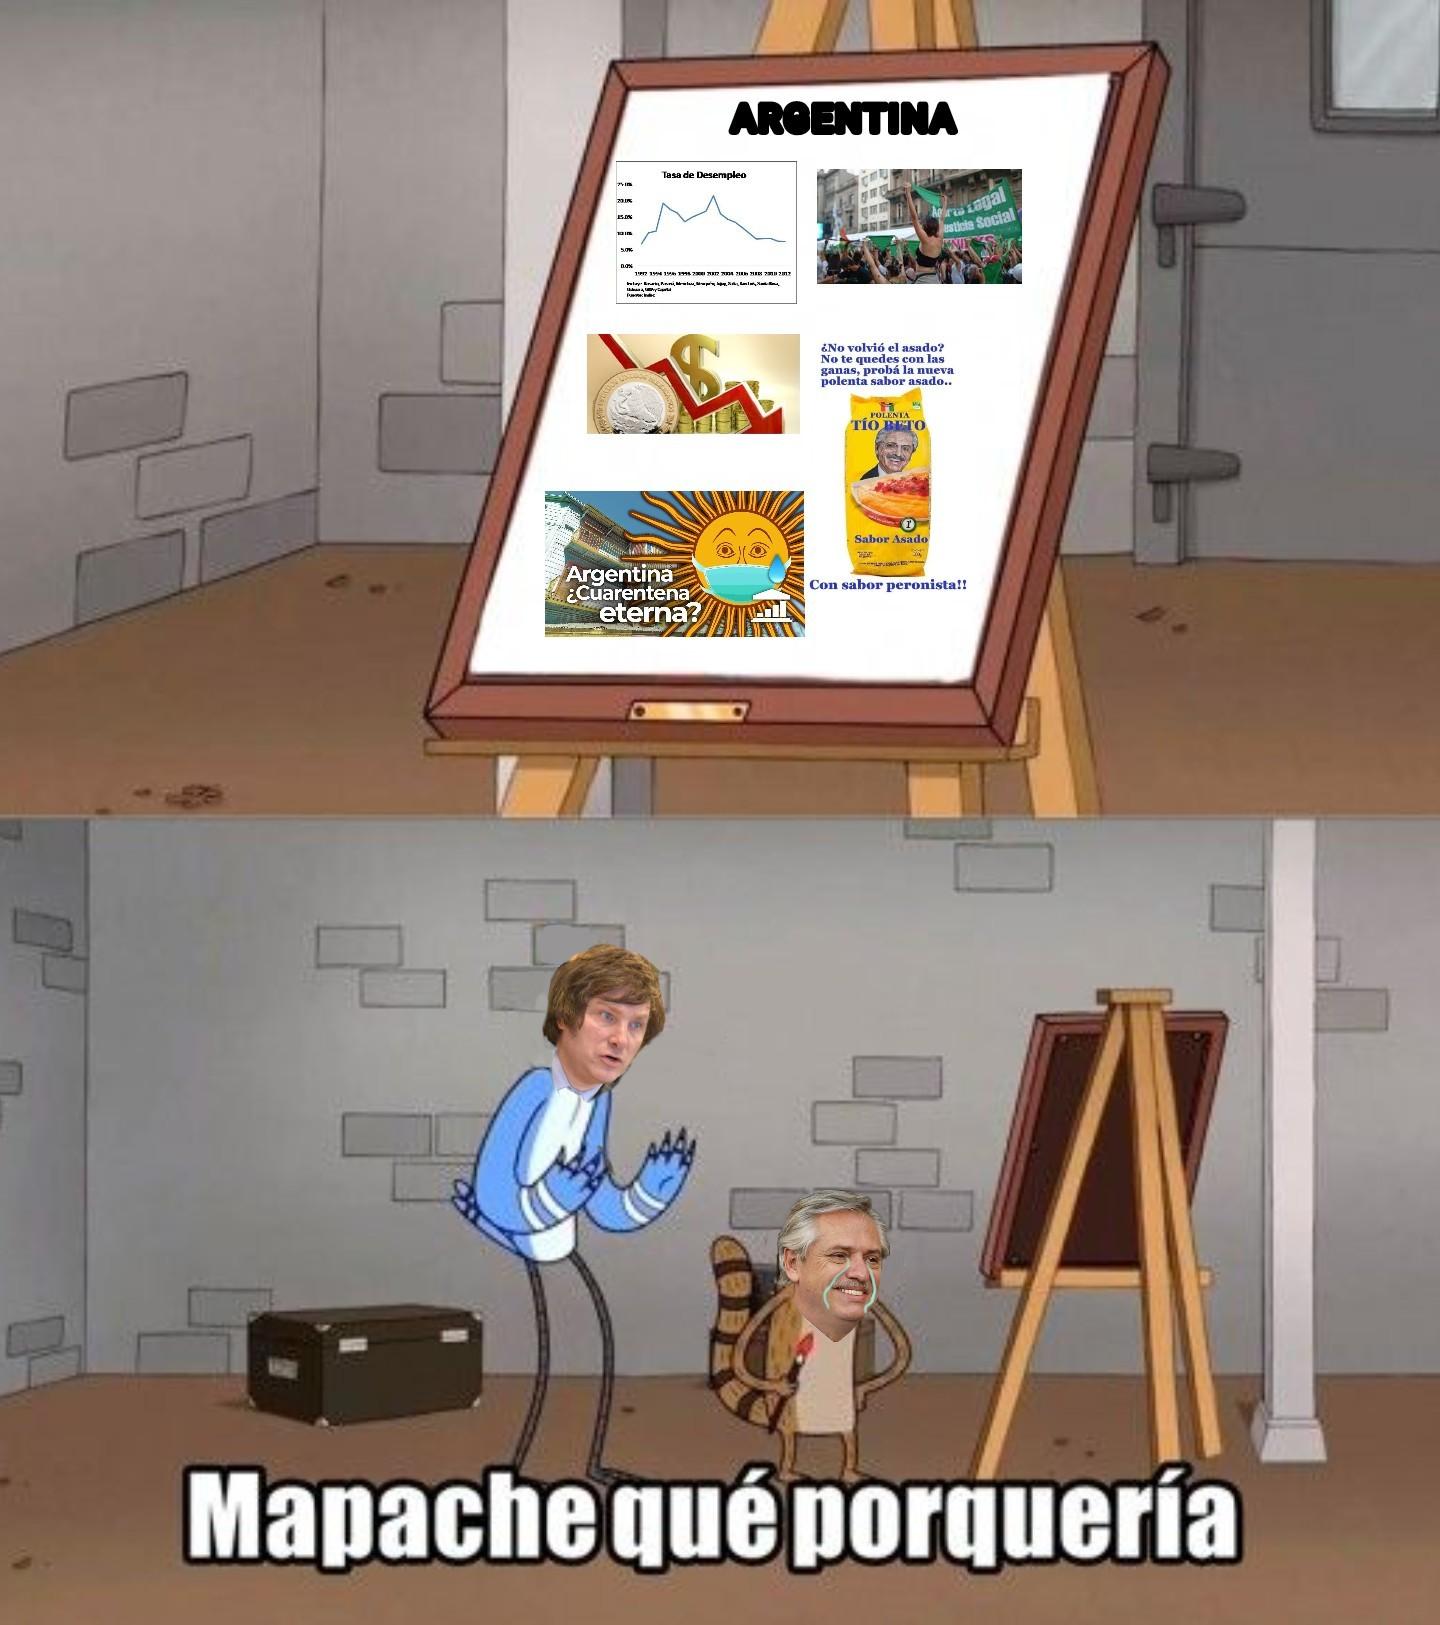 Alberto hdp - meme